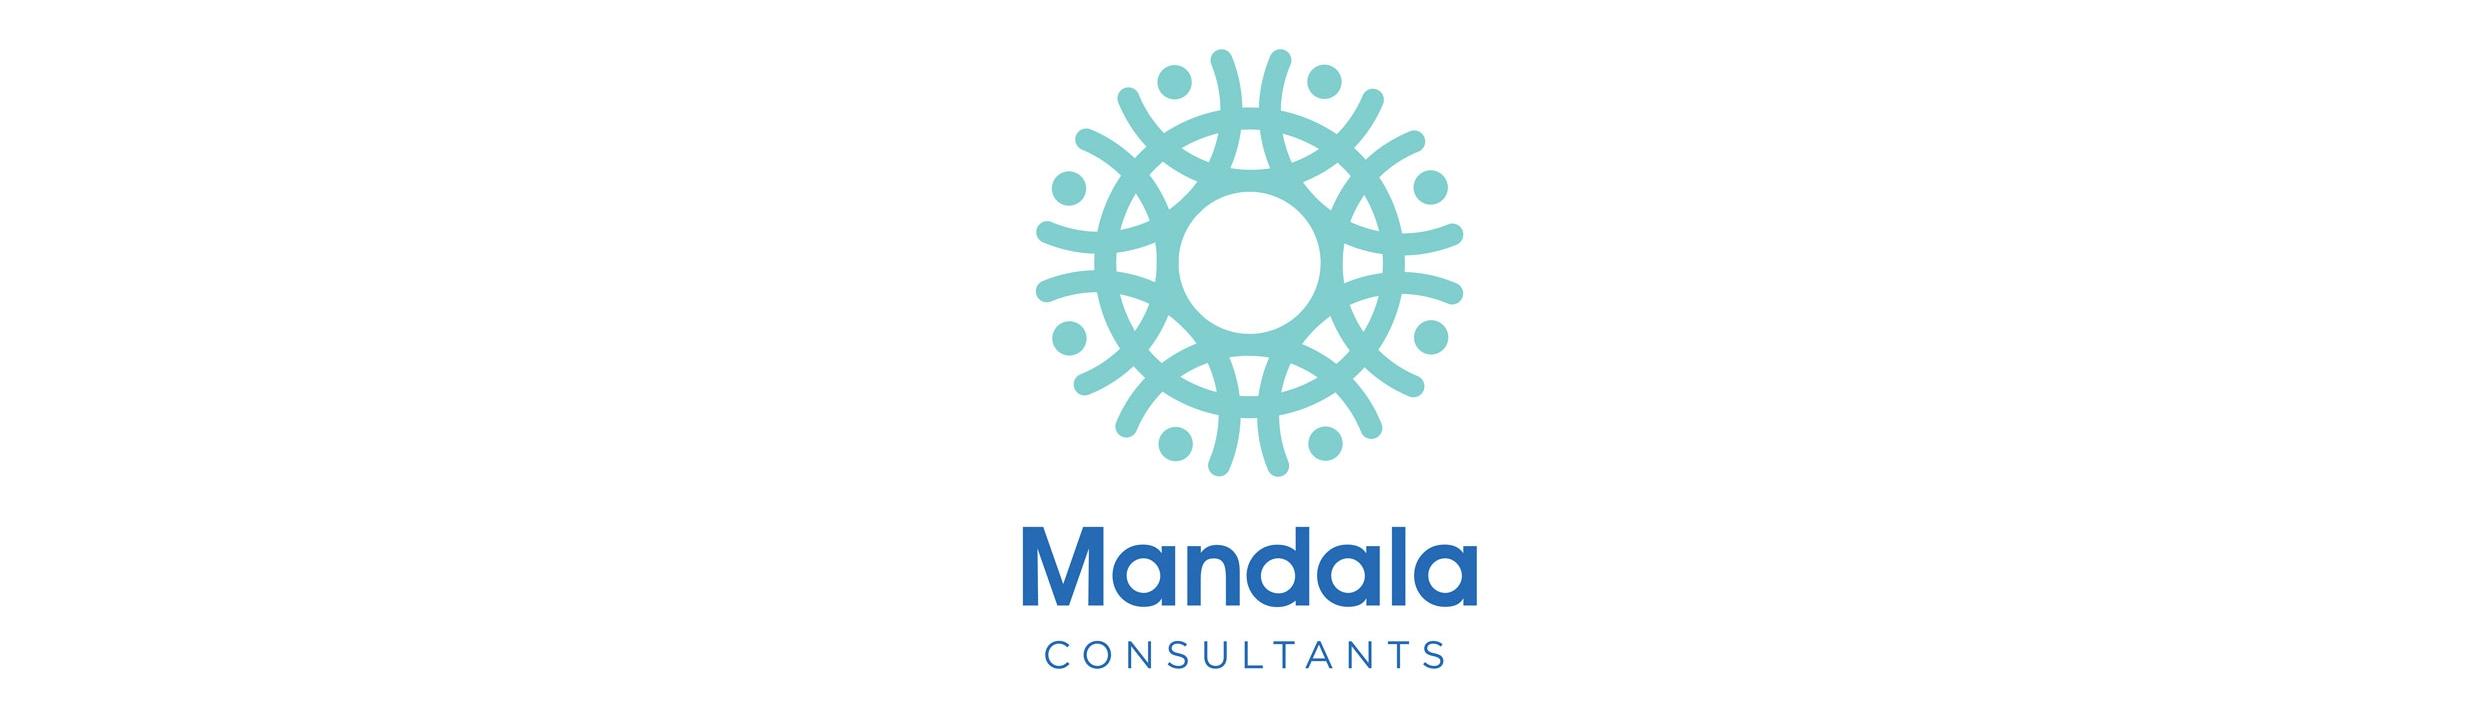 MandalaLogoWeb_2.jpg